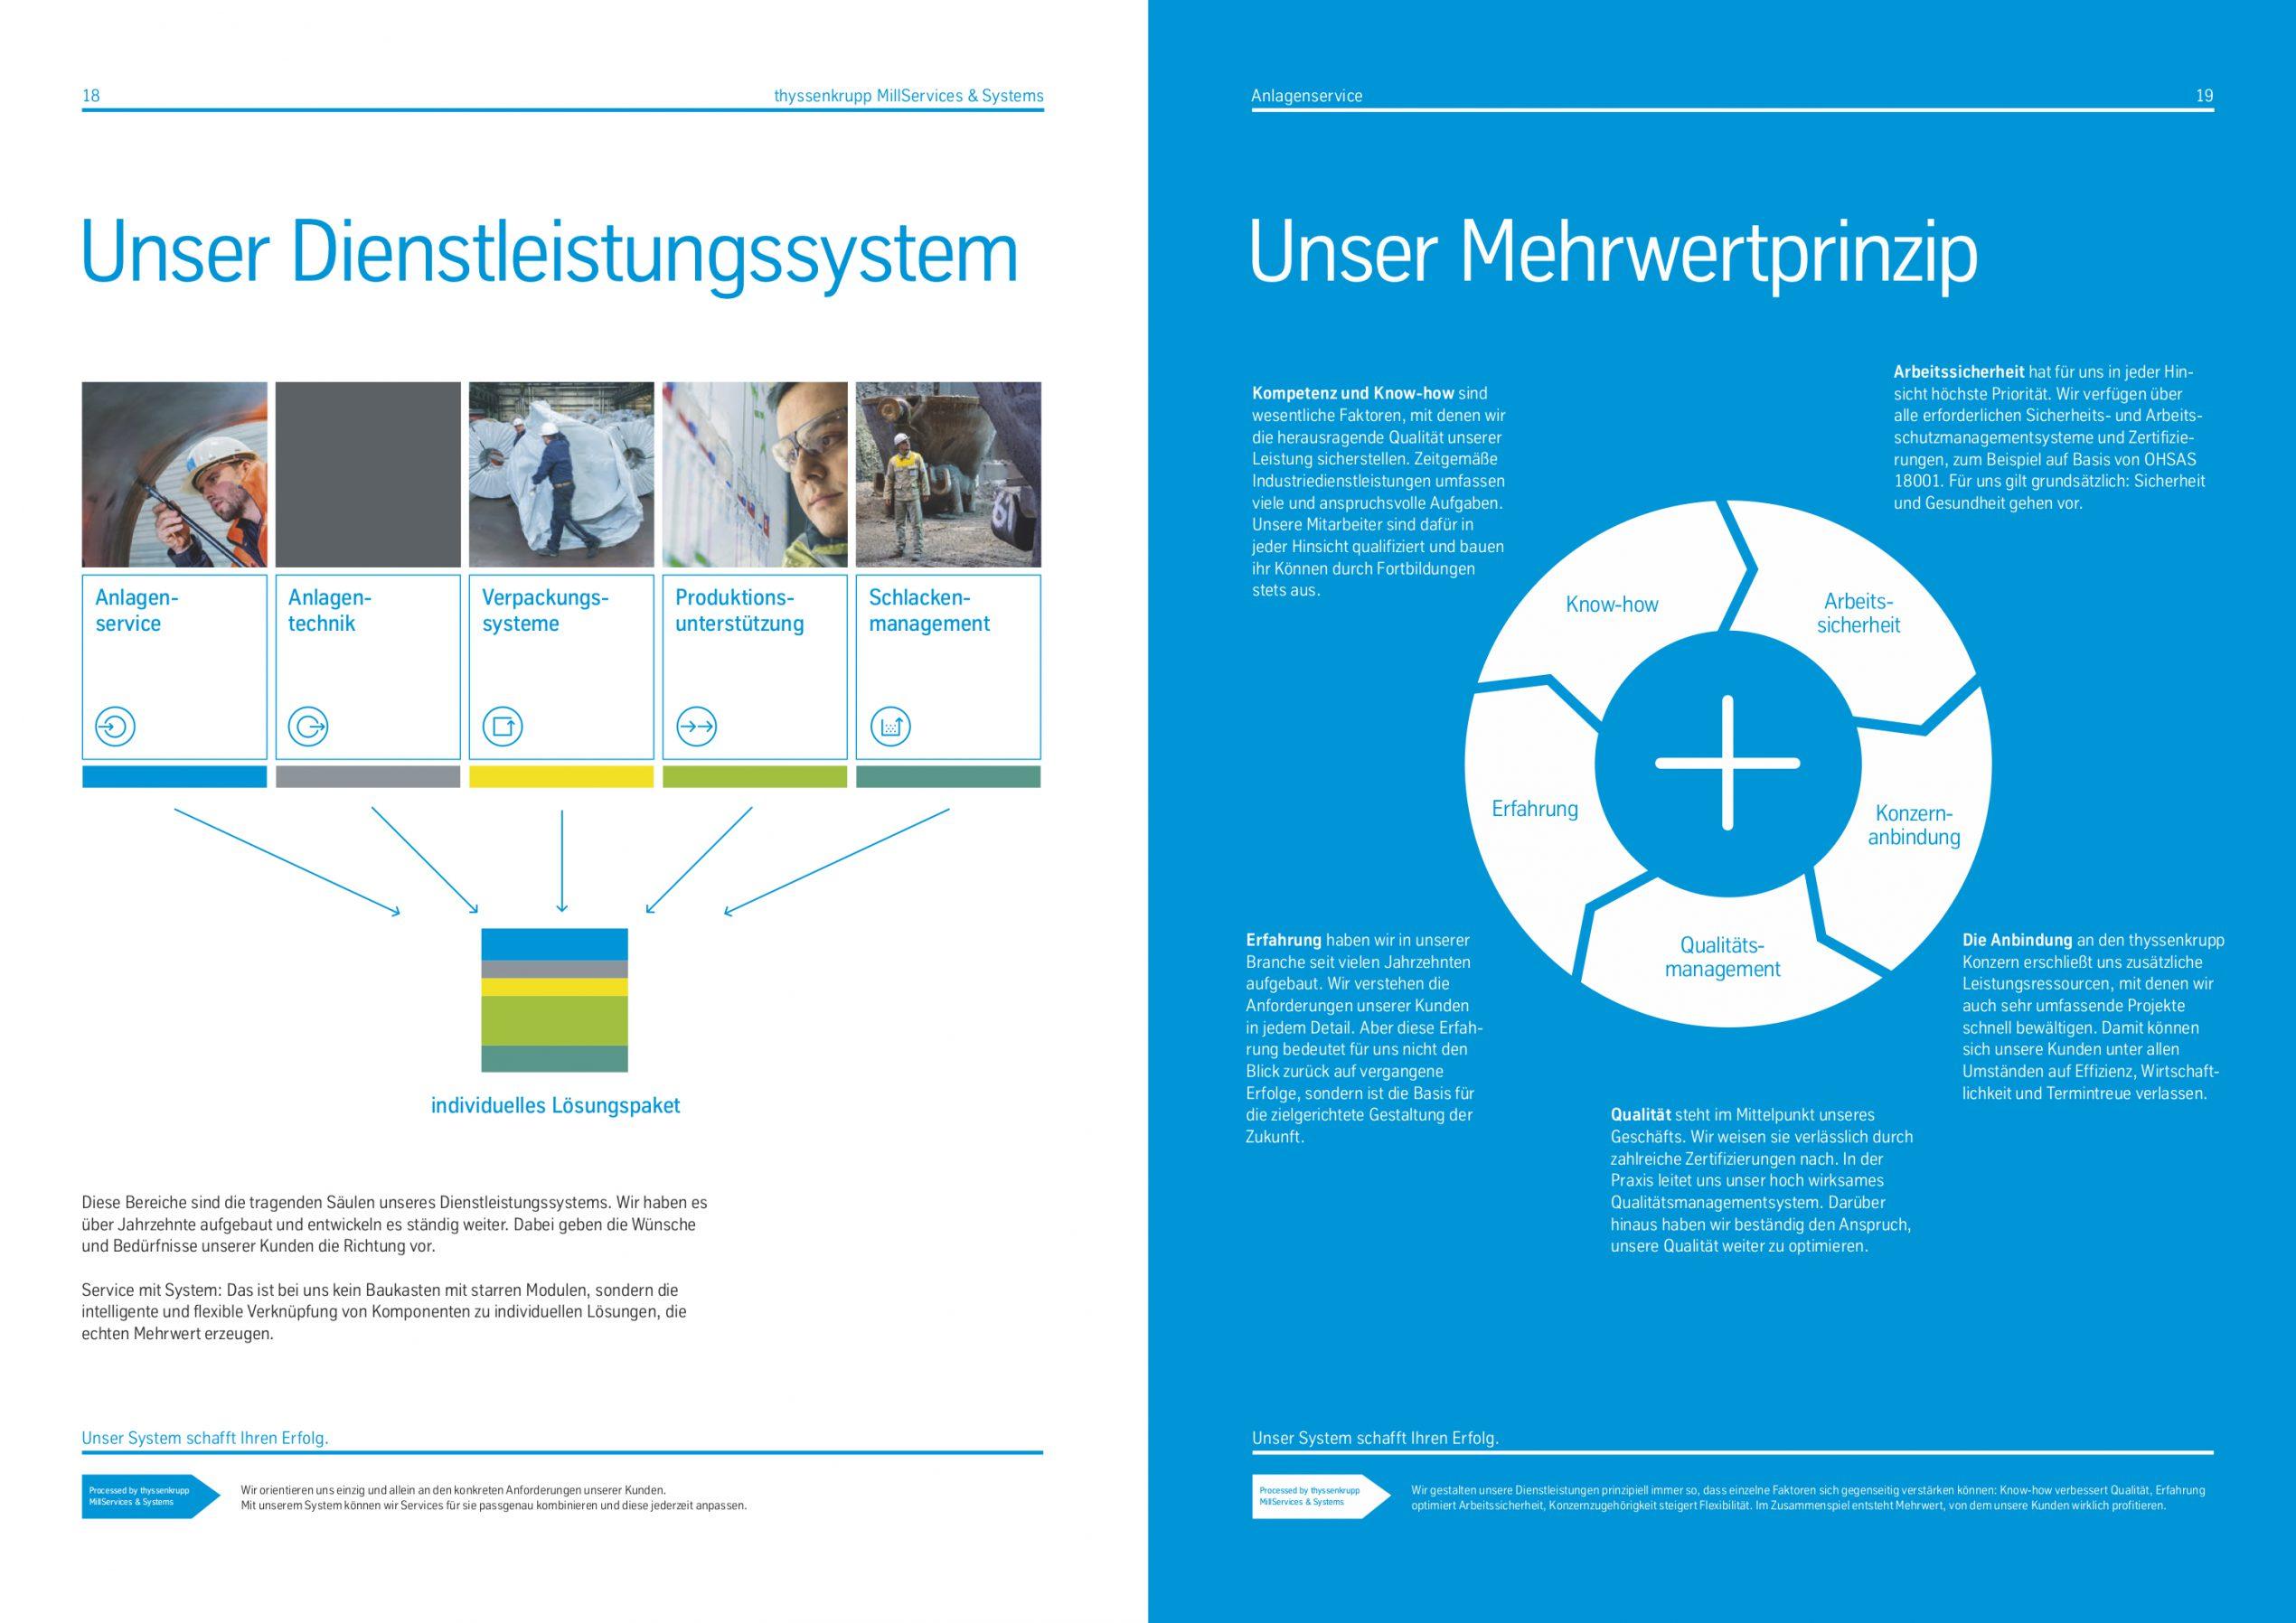 thyssenkrupp MillServices & Systems; Das Mehrwertprinzip.